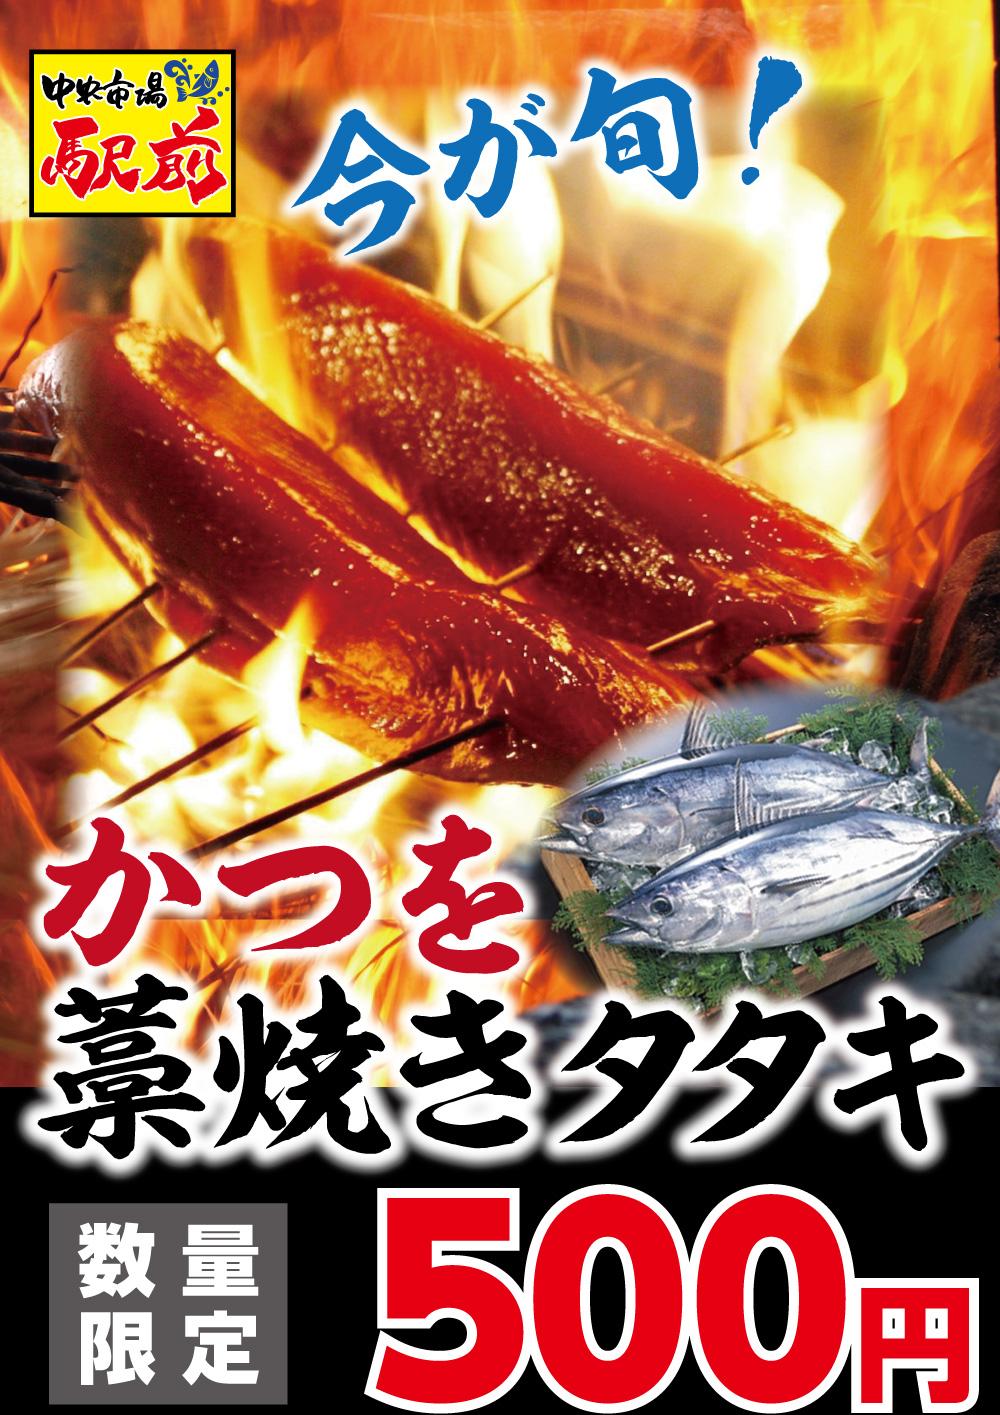 5月27日(土)神戸中央市場・魚河岸デーに駅前が出店しました!